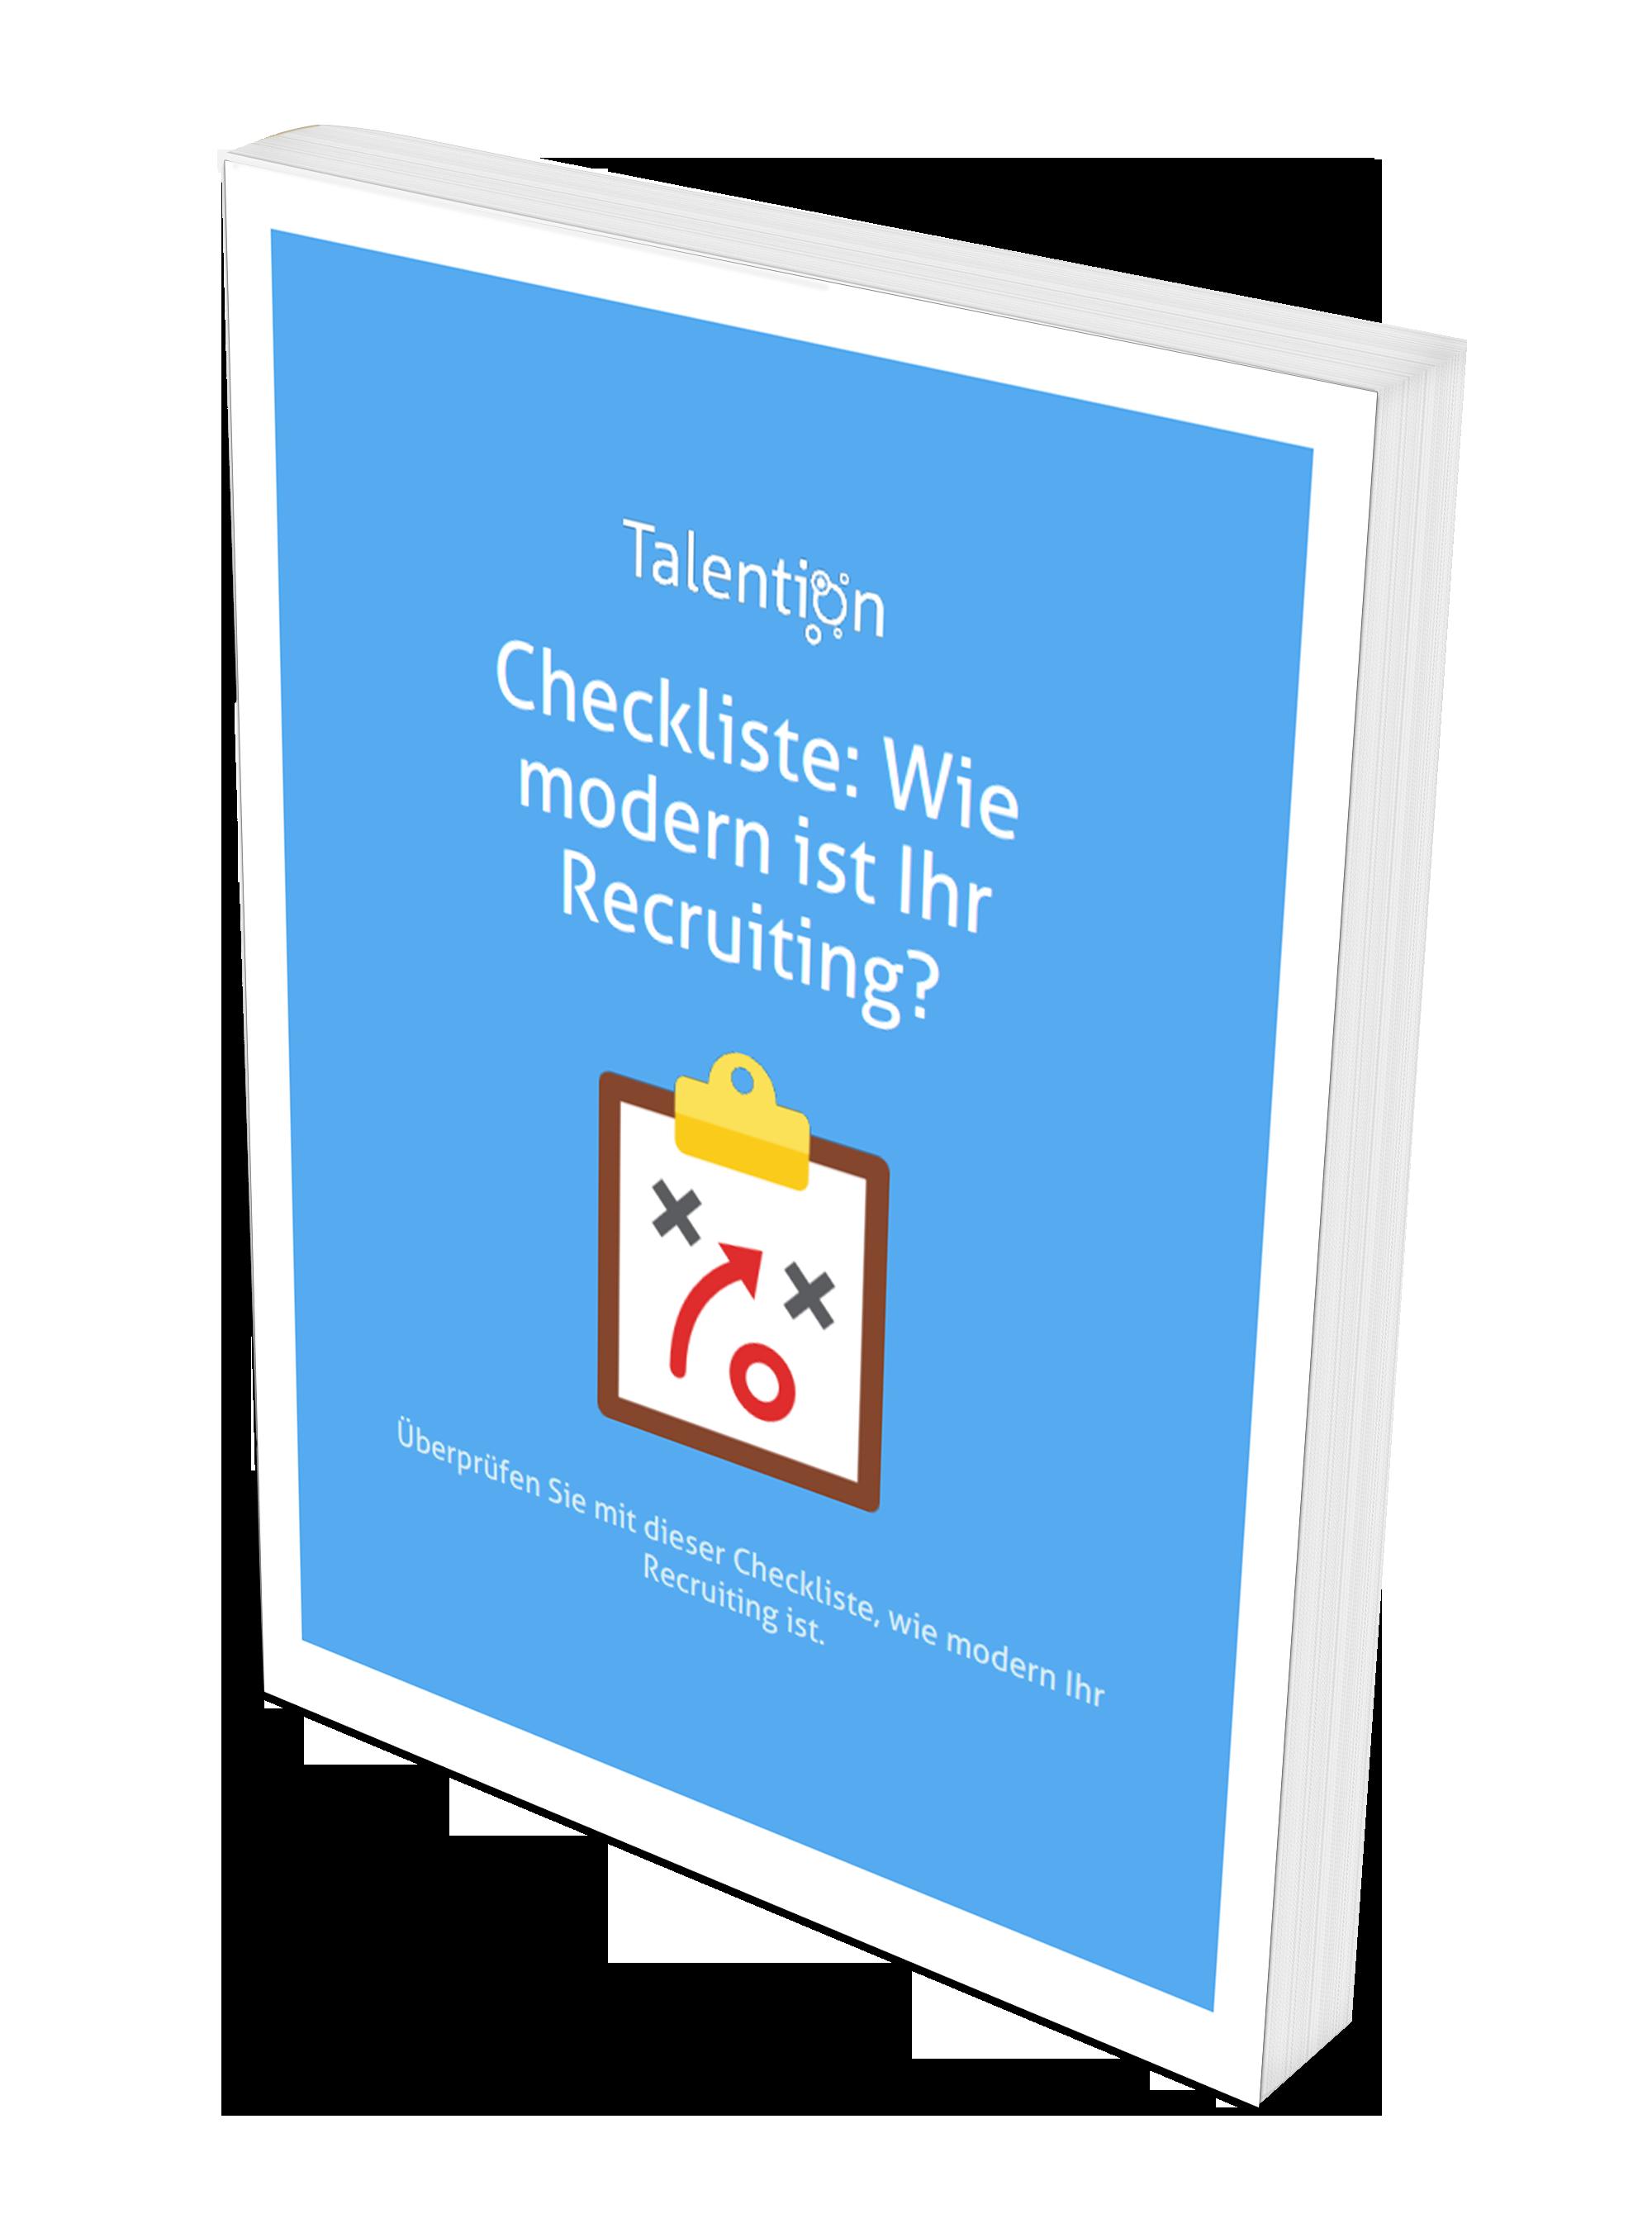 cta_checkliste_wie-modern.png